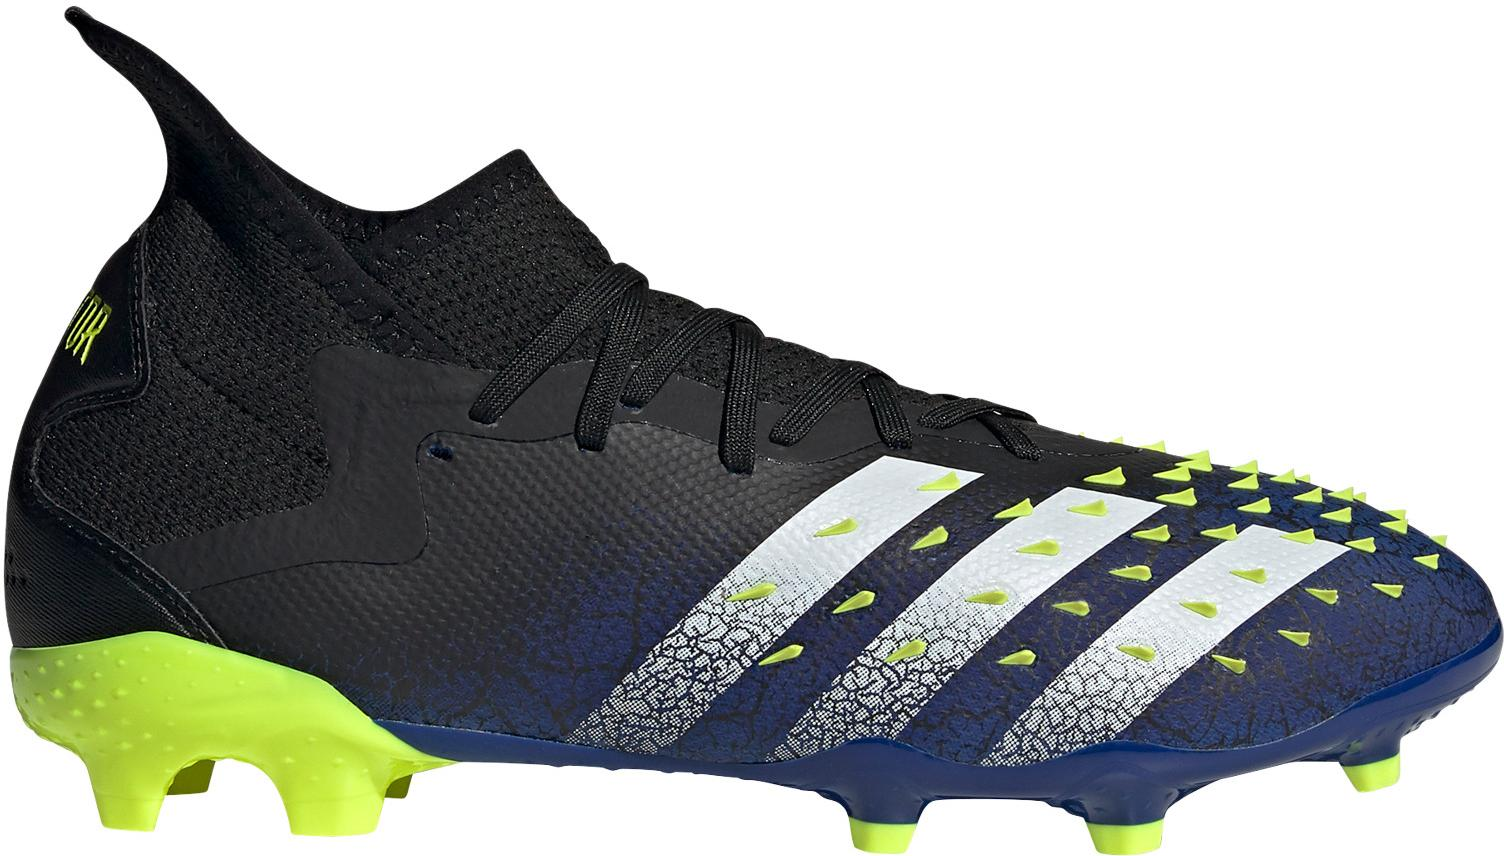 Kopačky adidas PREDATOR FREAK .2 FG černá